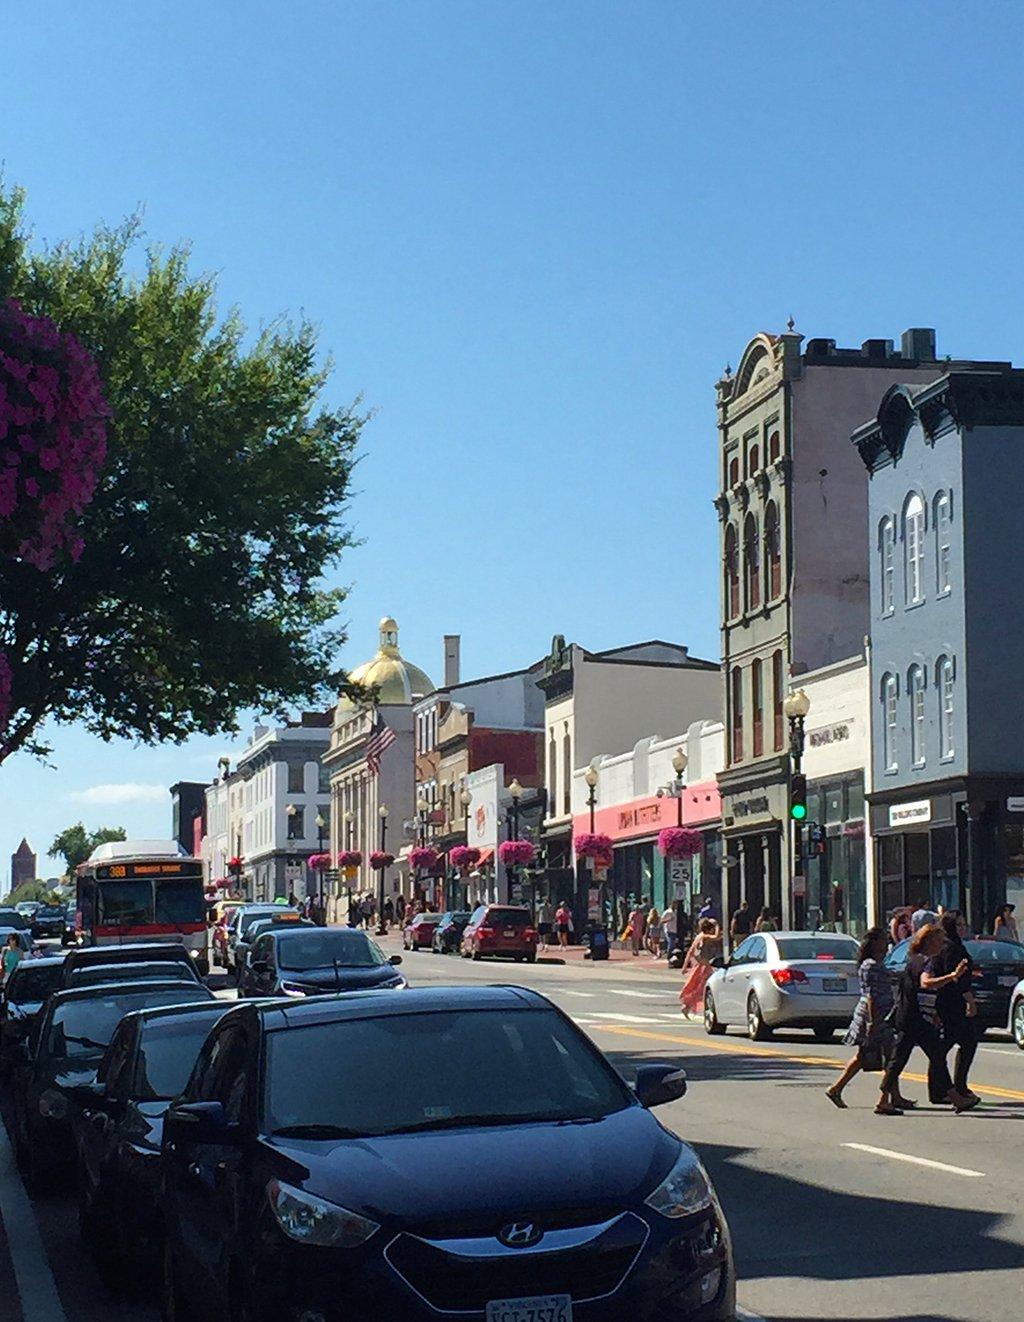 Georgetown Downtown Boutique Shops Restaurants